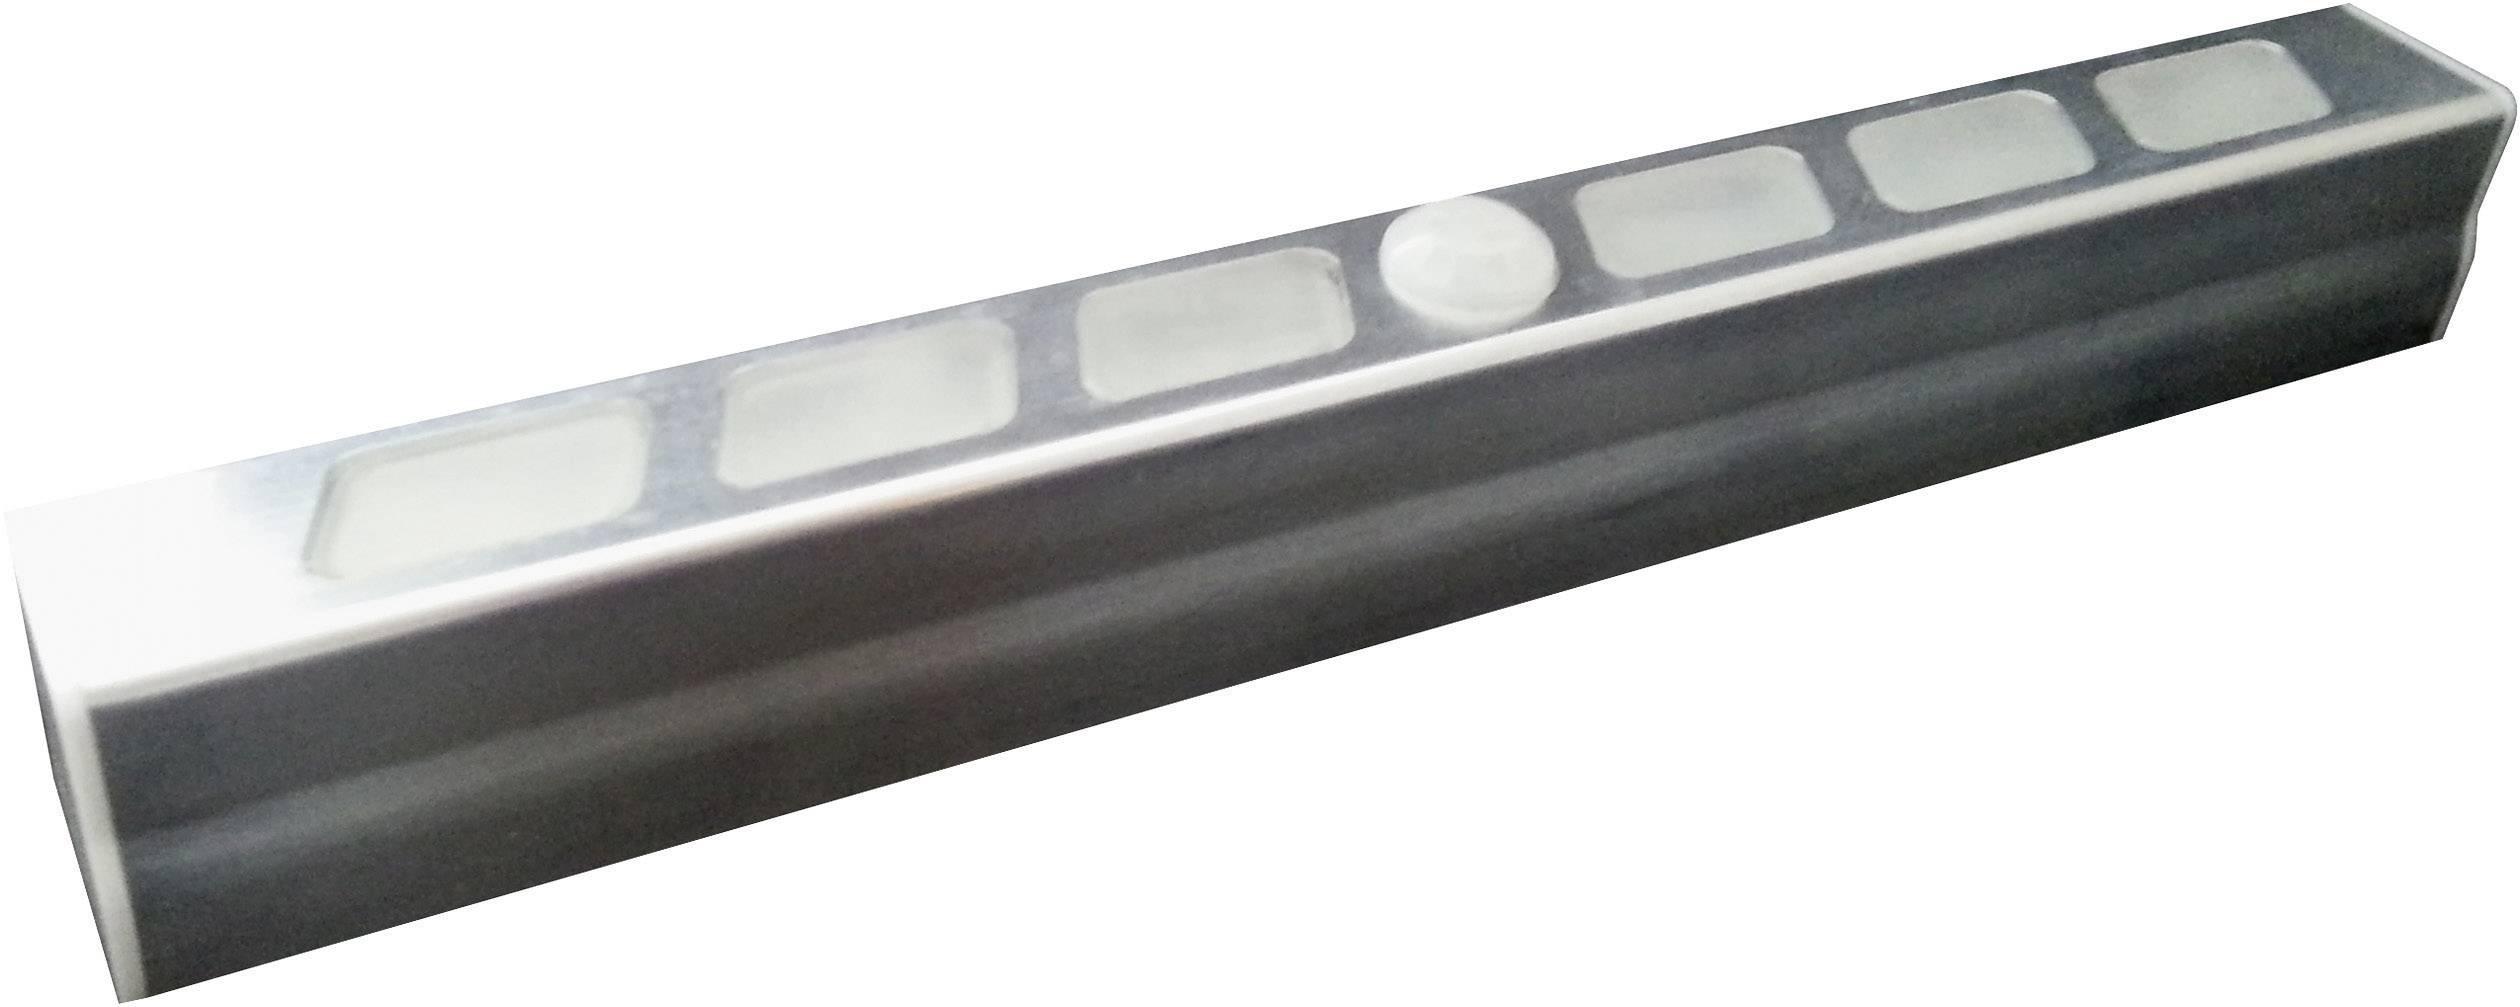 LED podhľadové svetlo s PIR senzorom Müller Licht LED Leuchte Stab 57015, 0.7 W, chladná biela, priehľadná